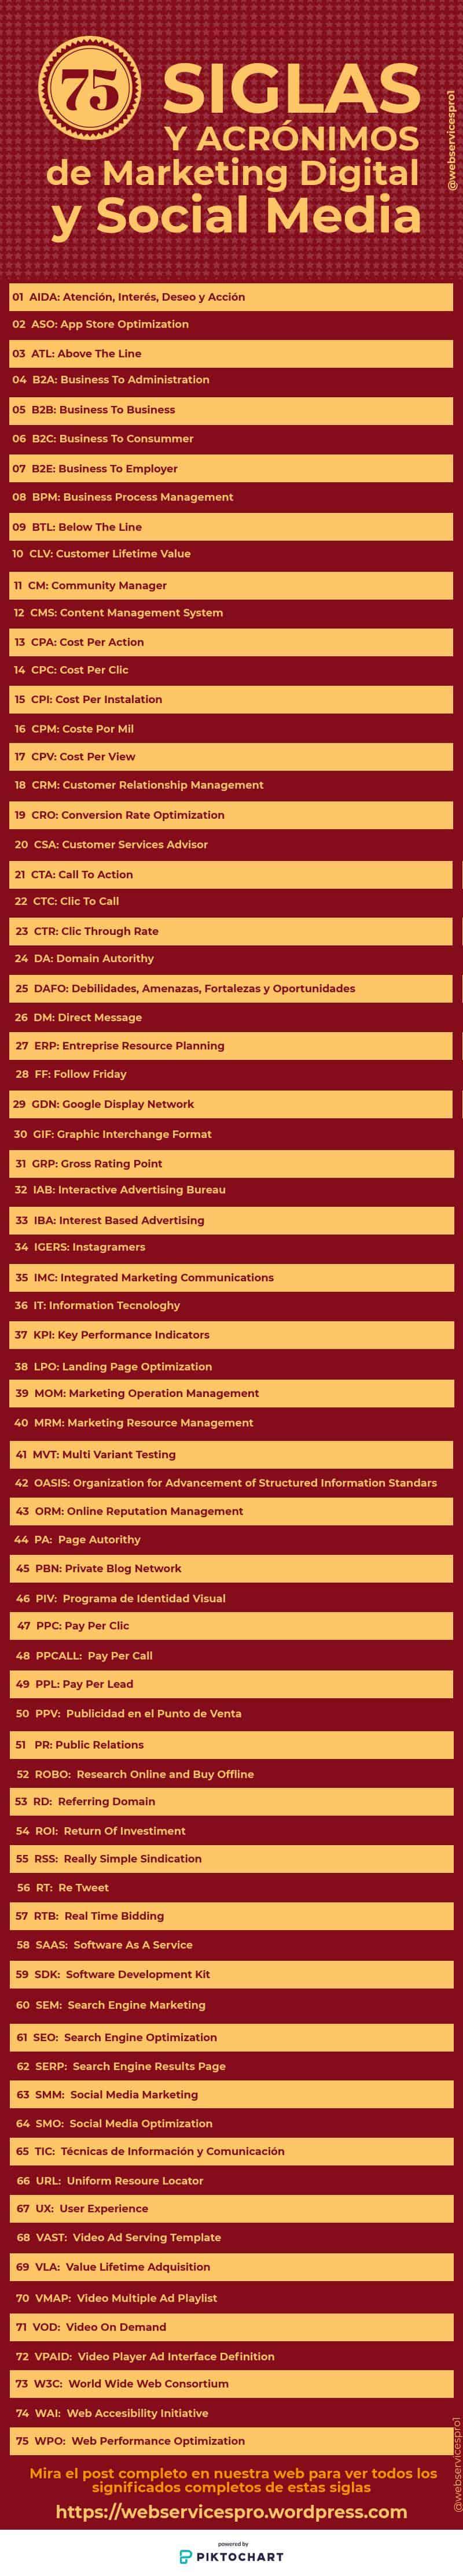 75 Siglas y acrónimos de marketing digital y social media